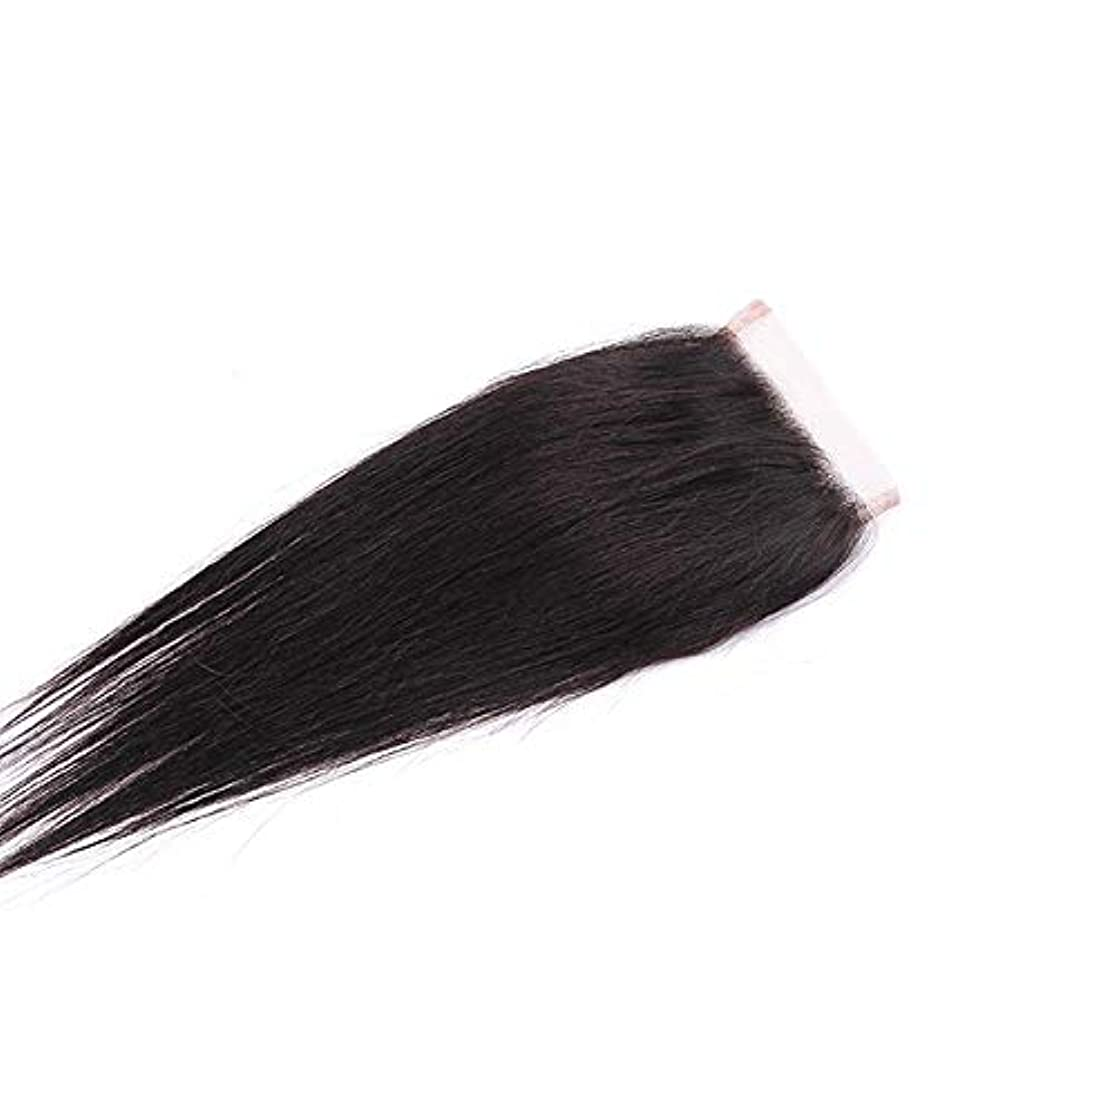 凝視倒産ルールWASAIO Unloosenパートレースフロンタル閉鎖Unbowedヘアエクステンションクリップのシームレスな髪型ブラジルの人間4「X4」トップナチュラルカラー (色 : 黒, サイズ : 18 inch)